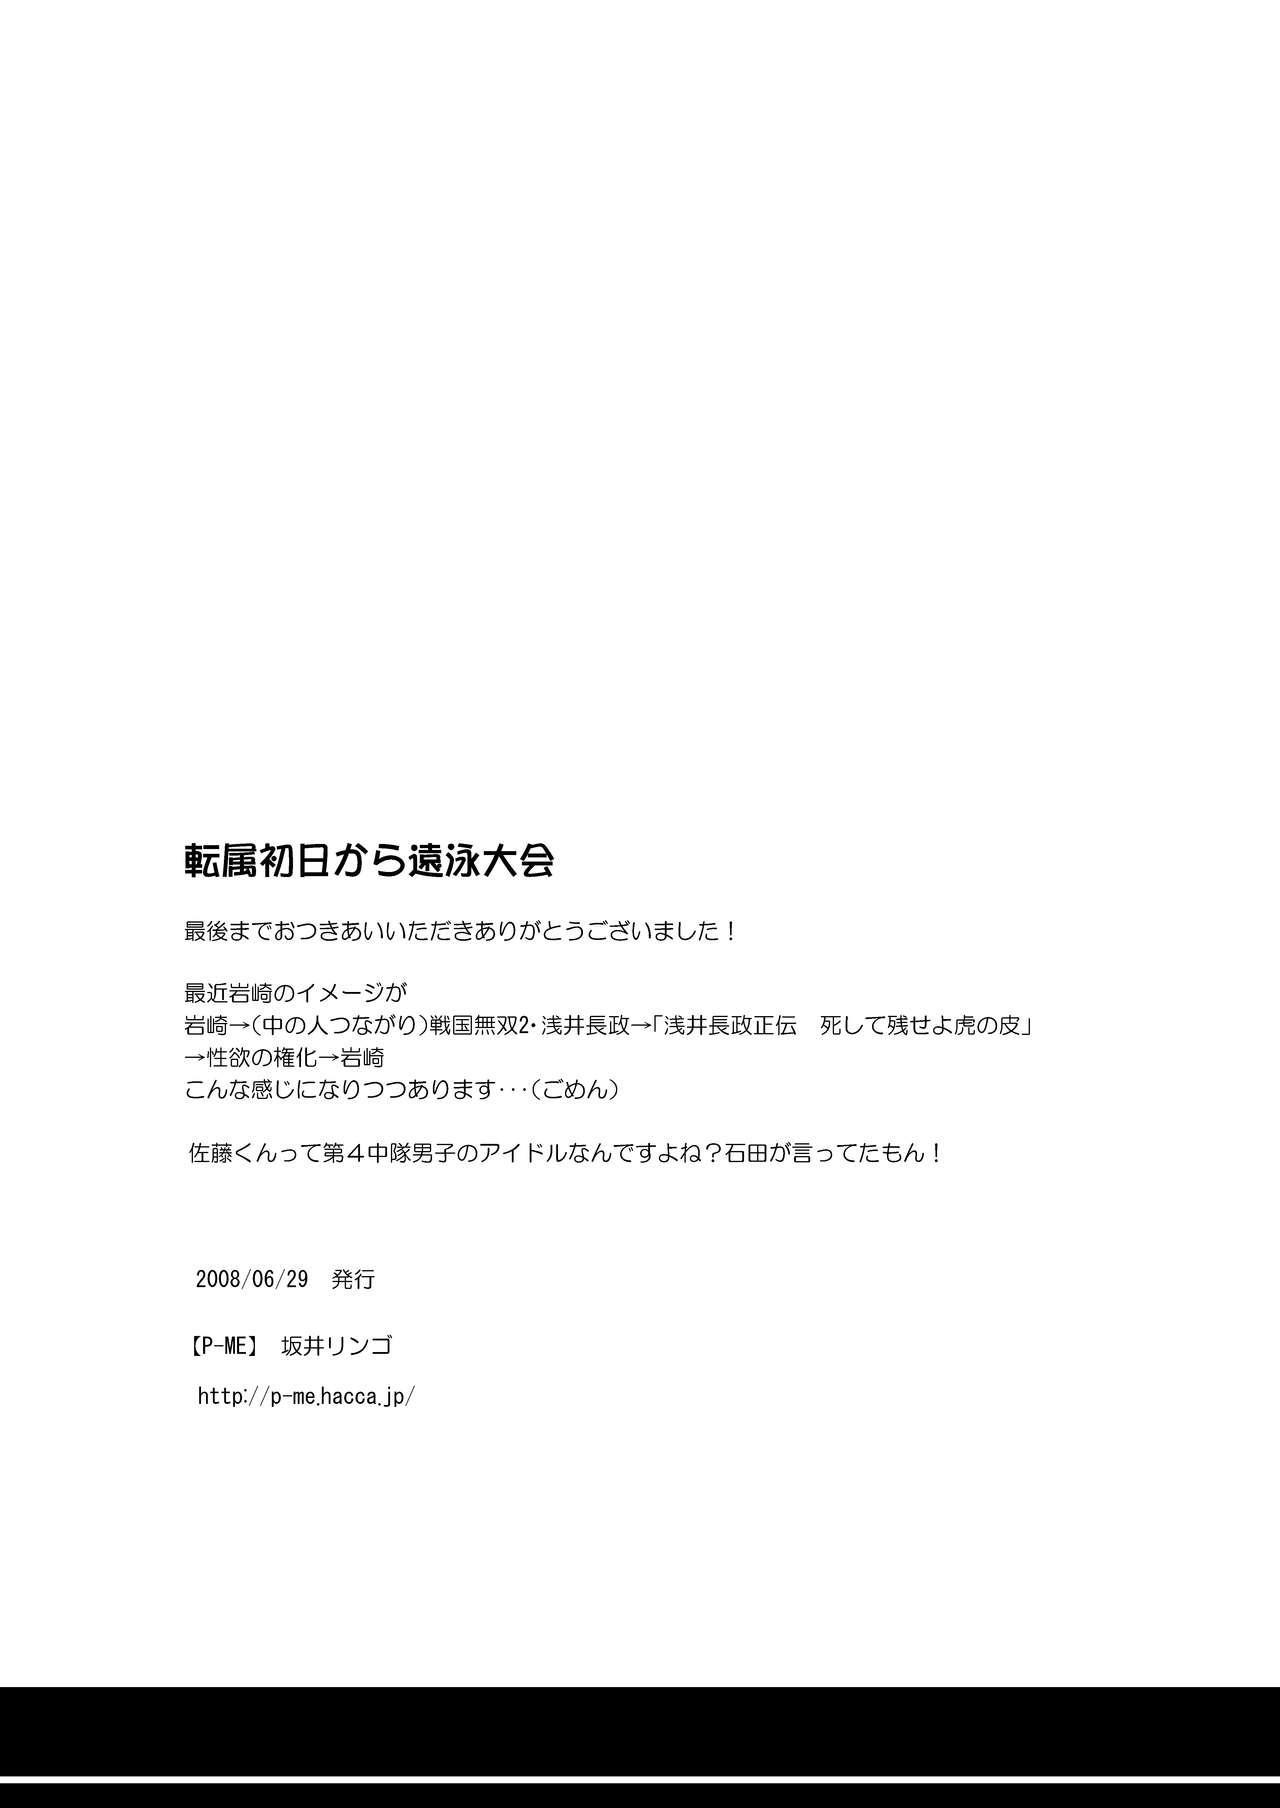 Tenzoku Shonichi ni Enei Taikai 20